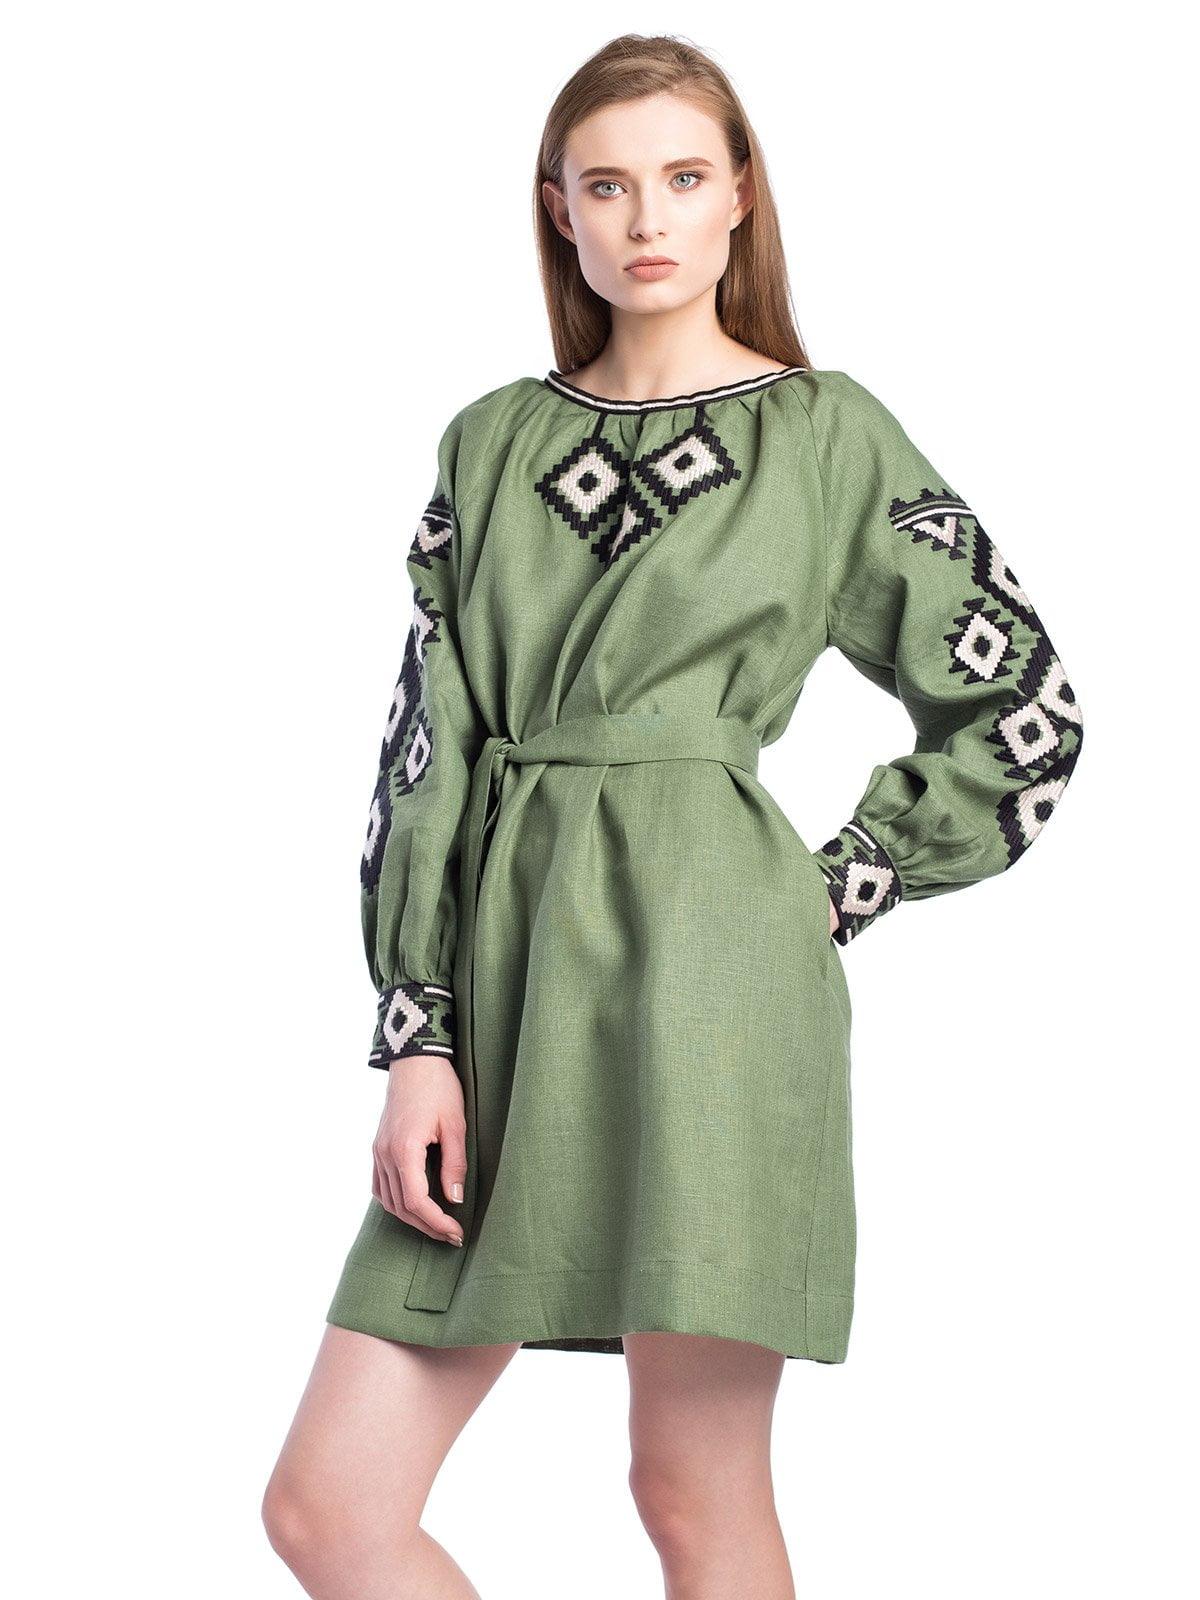 Лляна вишита сукня зеленого кольору з поясом MD6 NEW – купити в ... ee93e4b899066